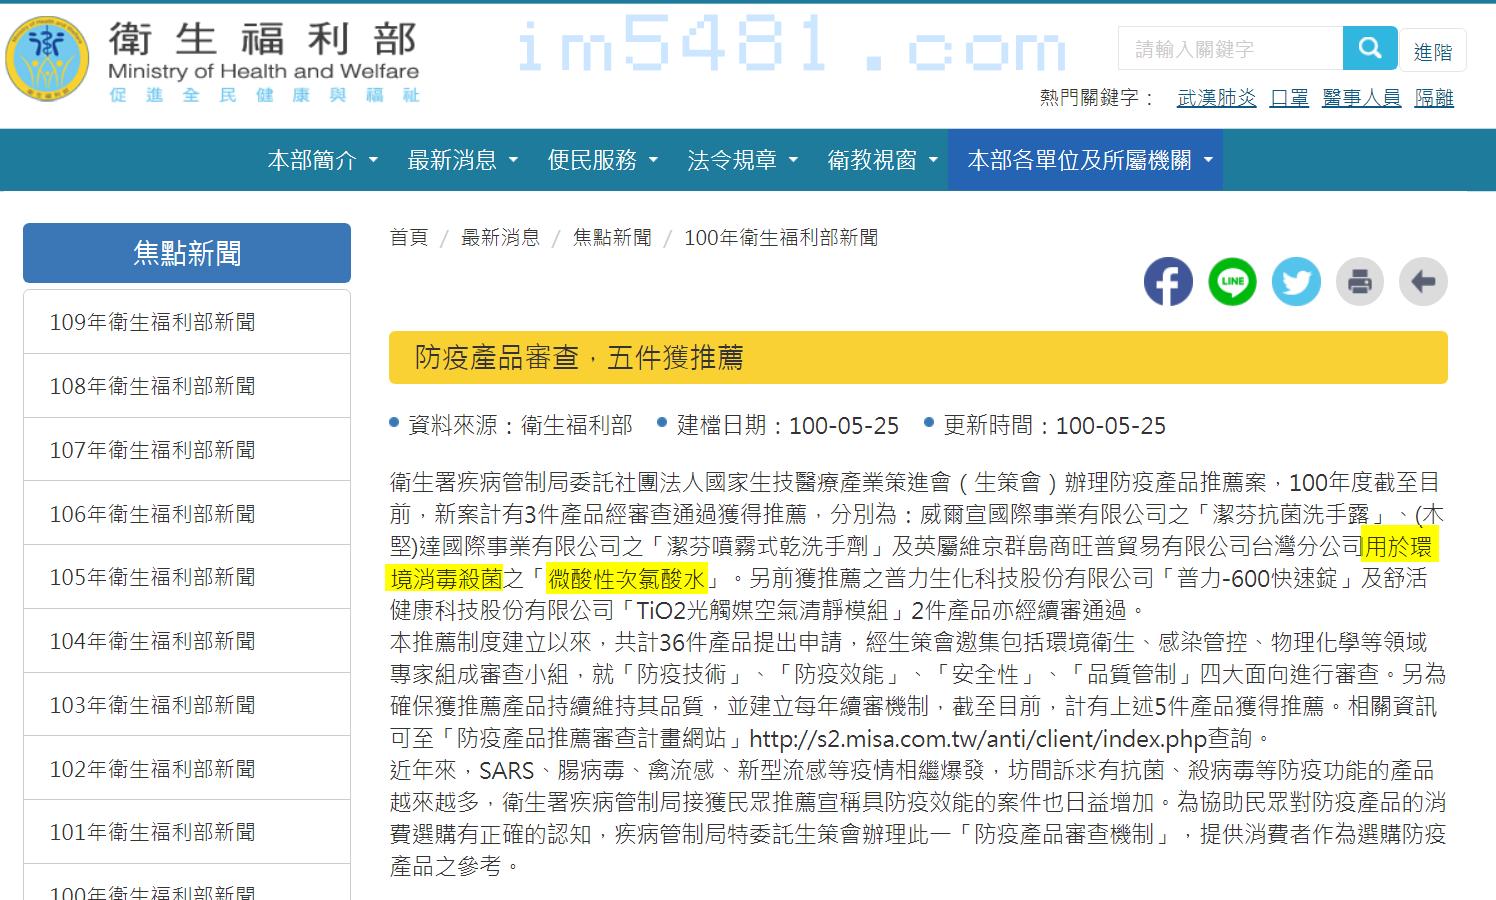 衛福部1000525防疫產品五件推薦 英屬維京群島商旺普貿易有限公司台灣分公司用於環境消毒殺菌之「微酸性次氯酸水」。